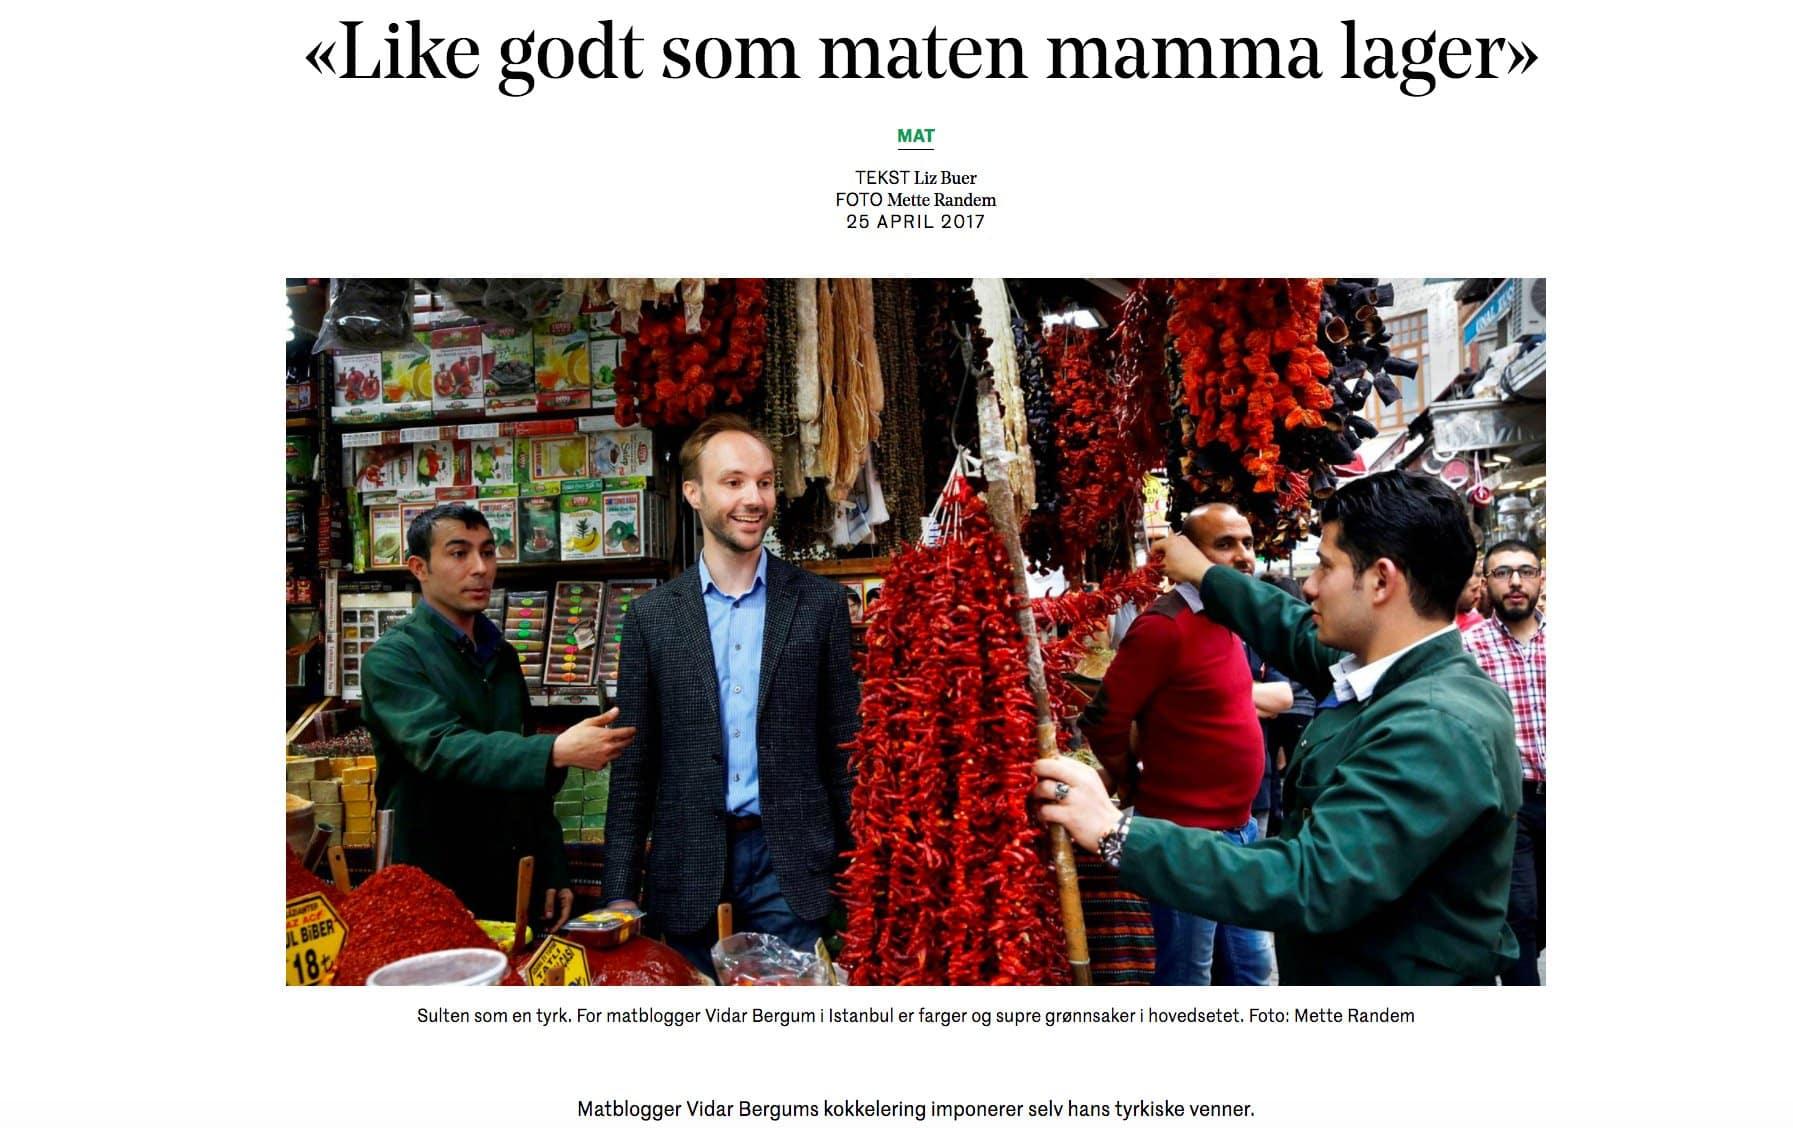 """""""Like godt som maten mamma lager"""" - Dagens Næringsliv Smak / Et kjøkken i Istanbul"""